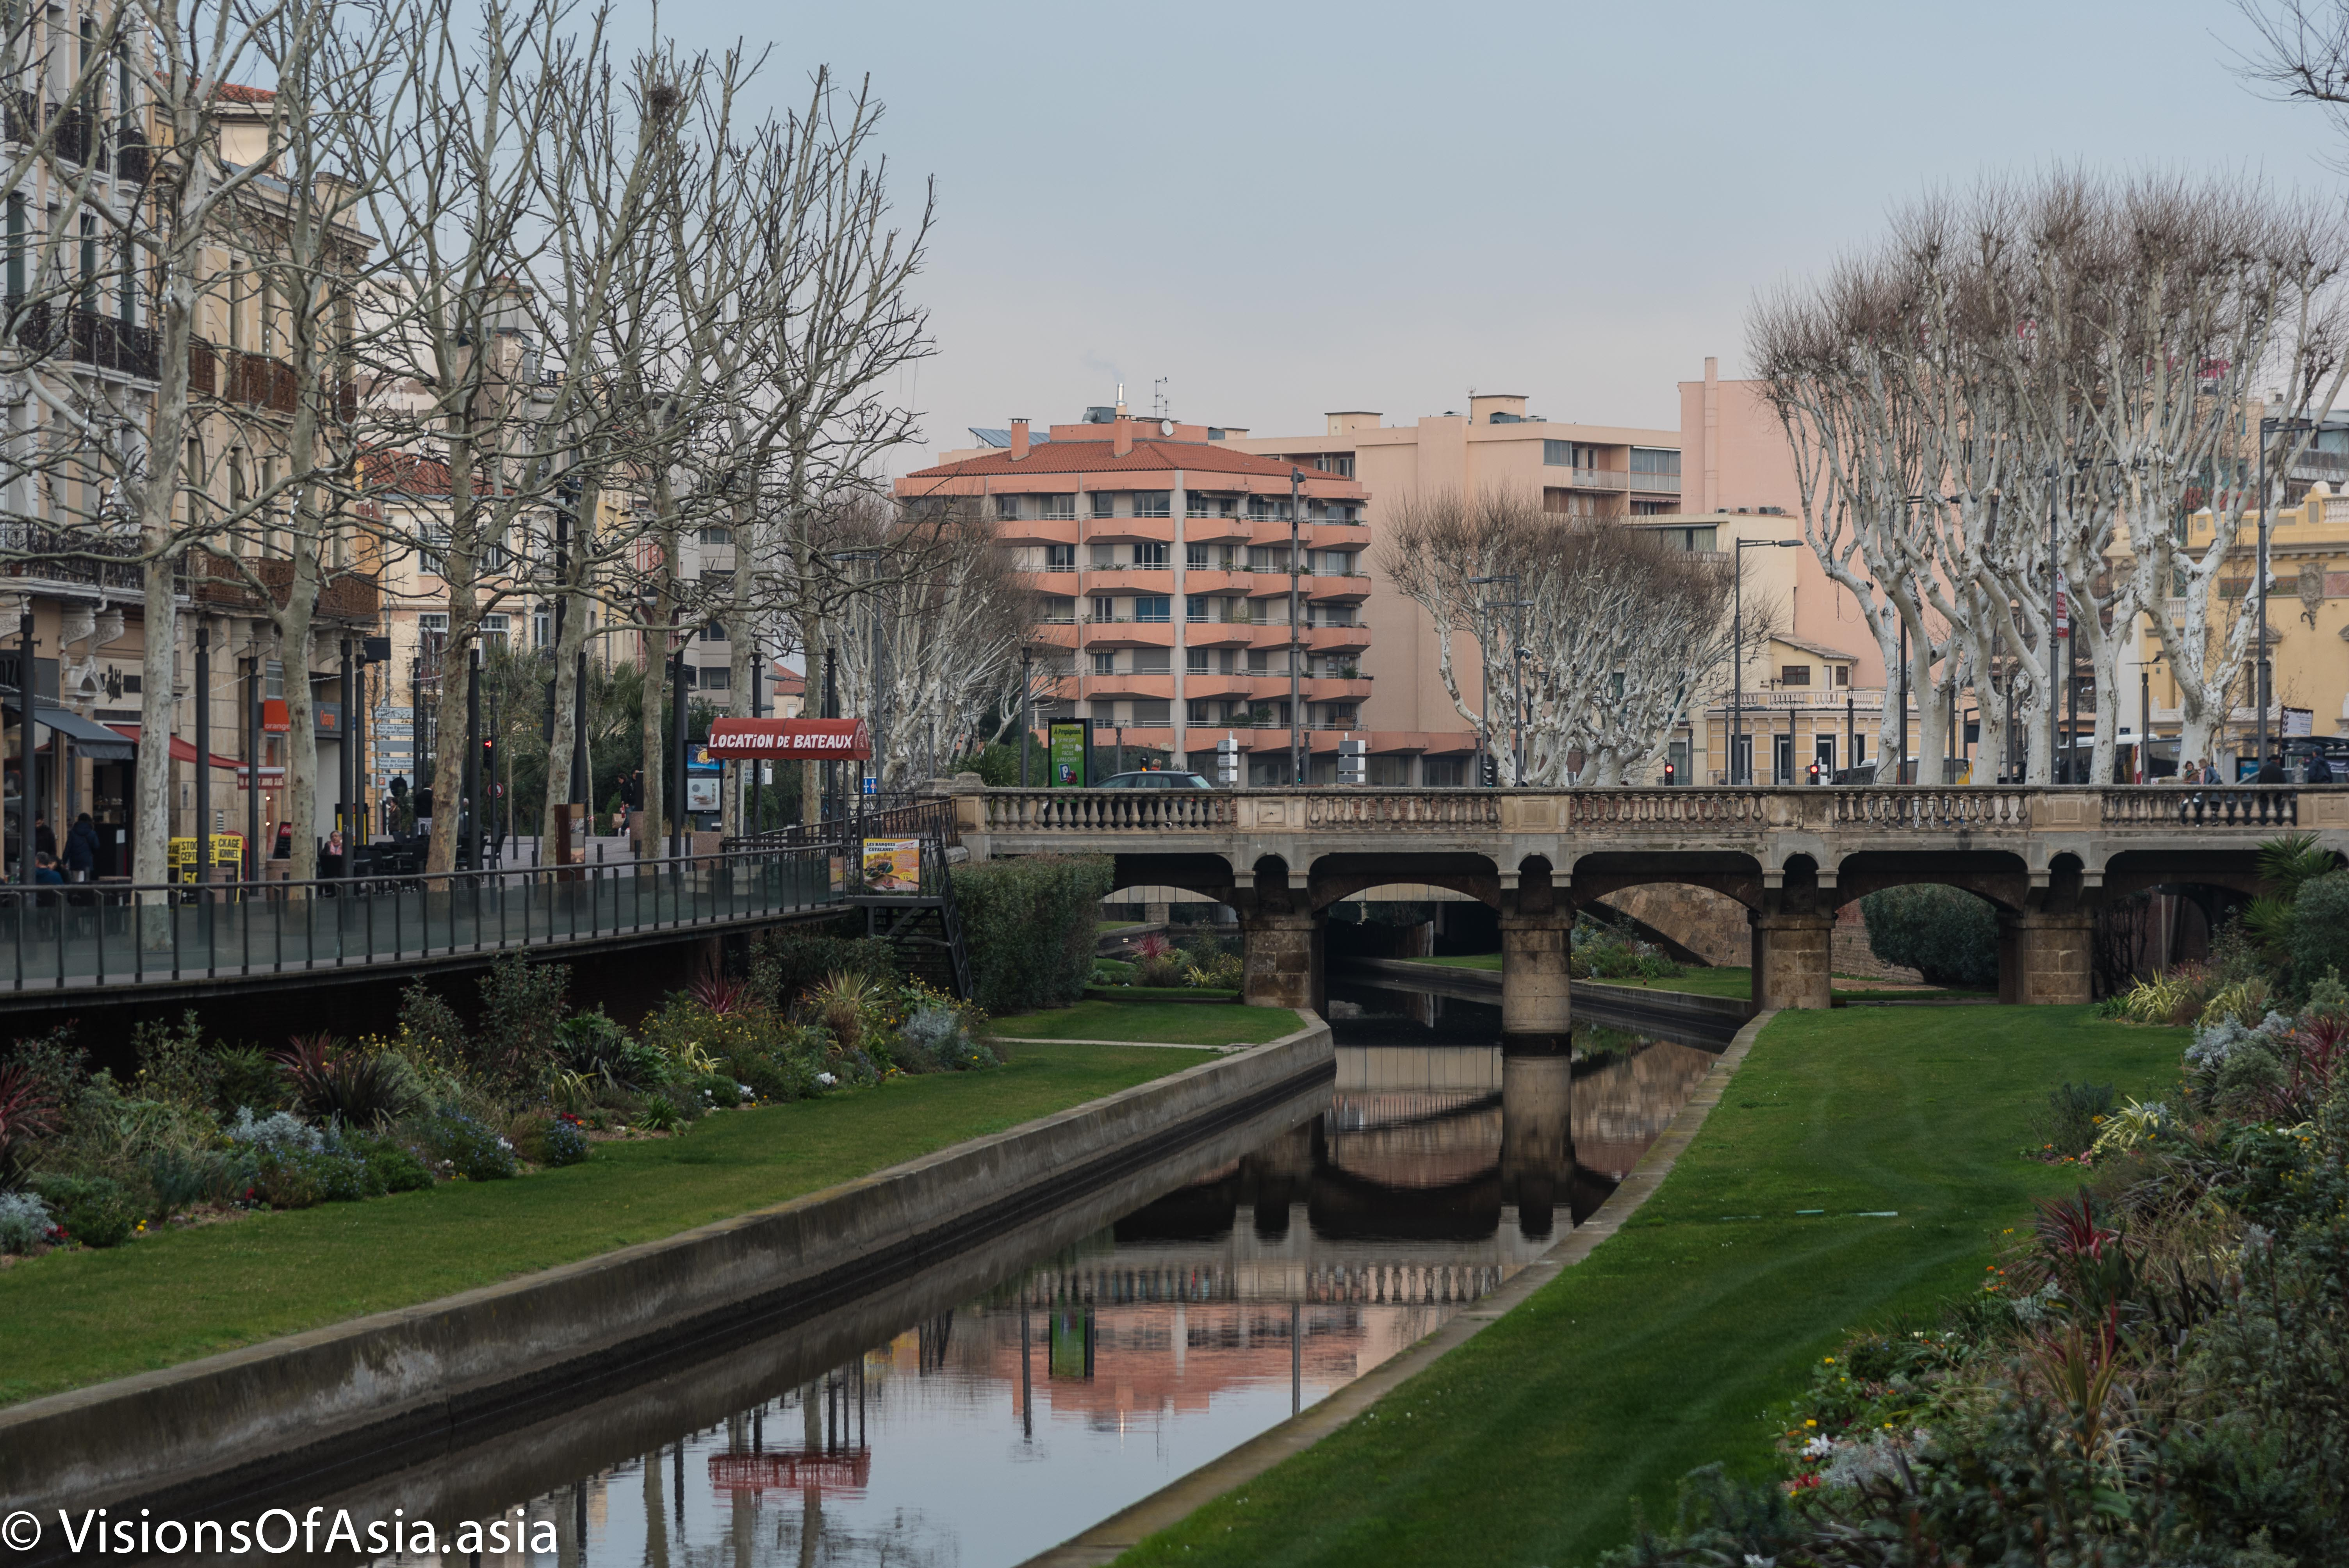 A canal in Perpignan